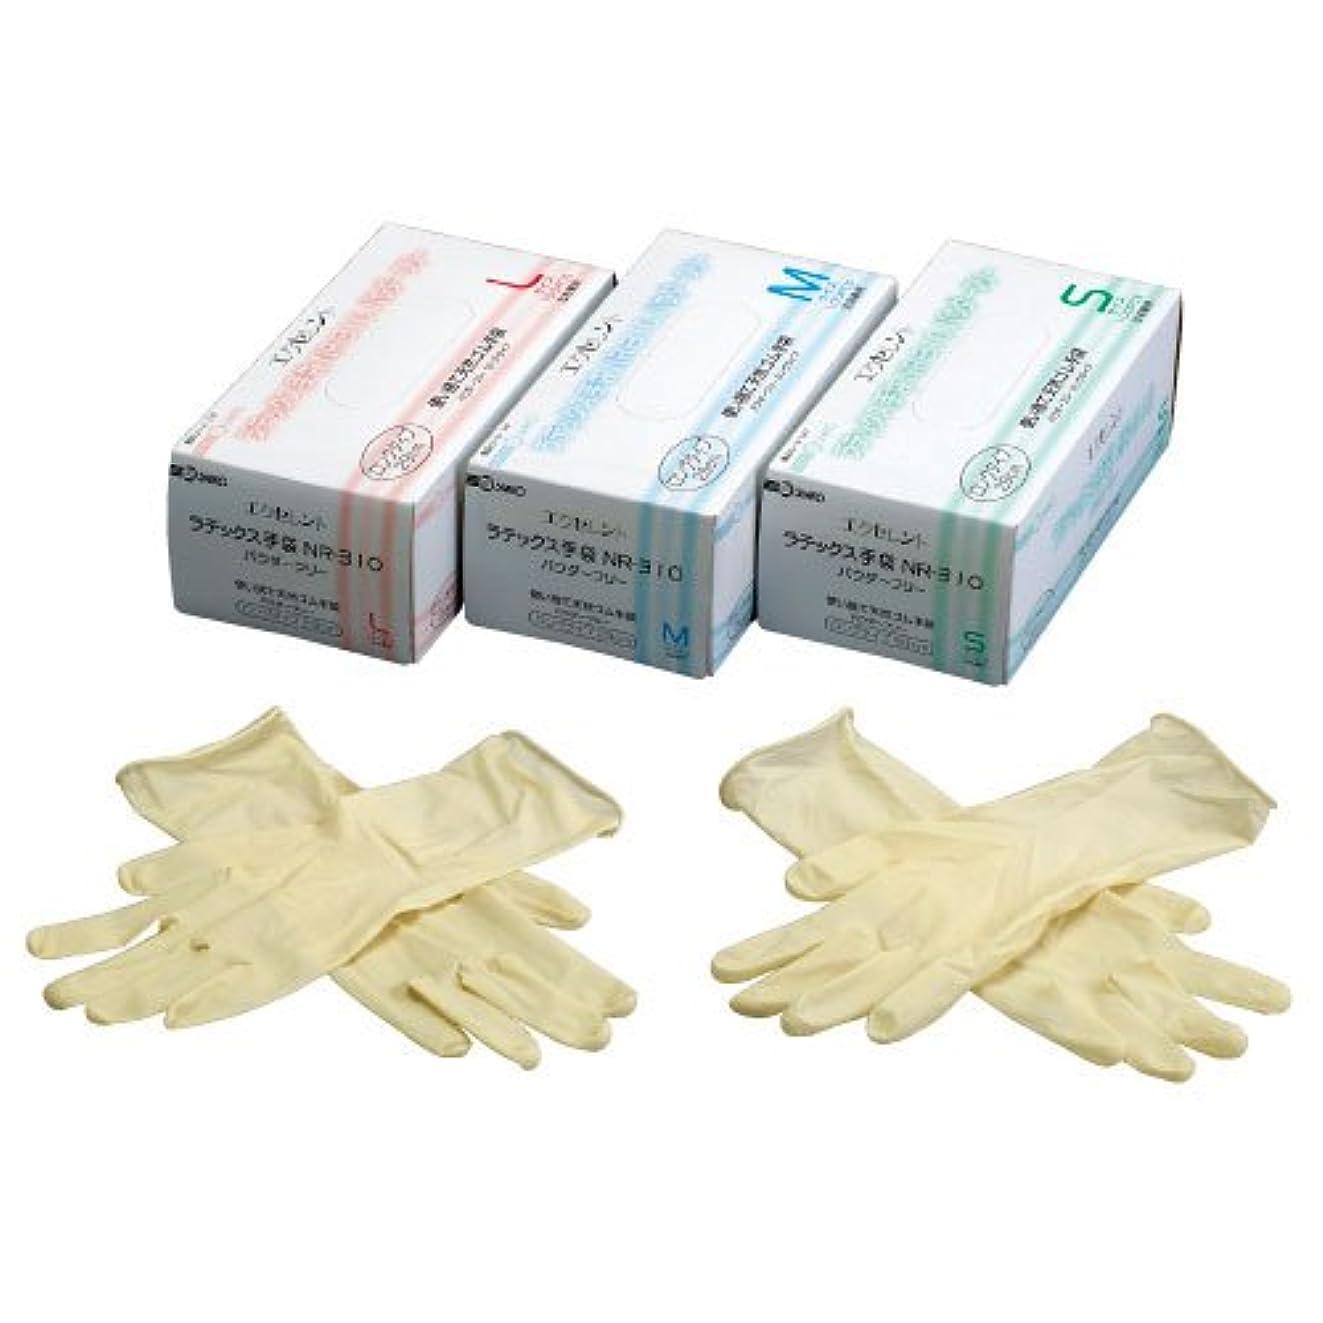 ナット称賛参加者エクセレントラテックス手袋PFロング ????????????????(23-3140-00)NR-310(100????)S S